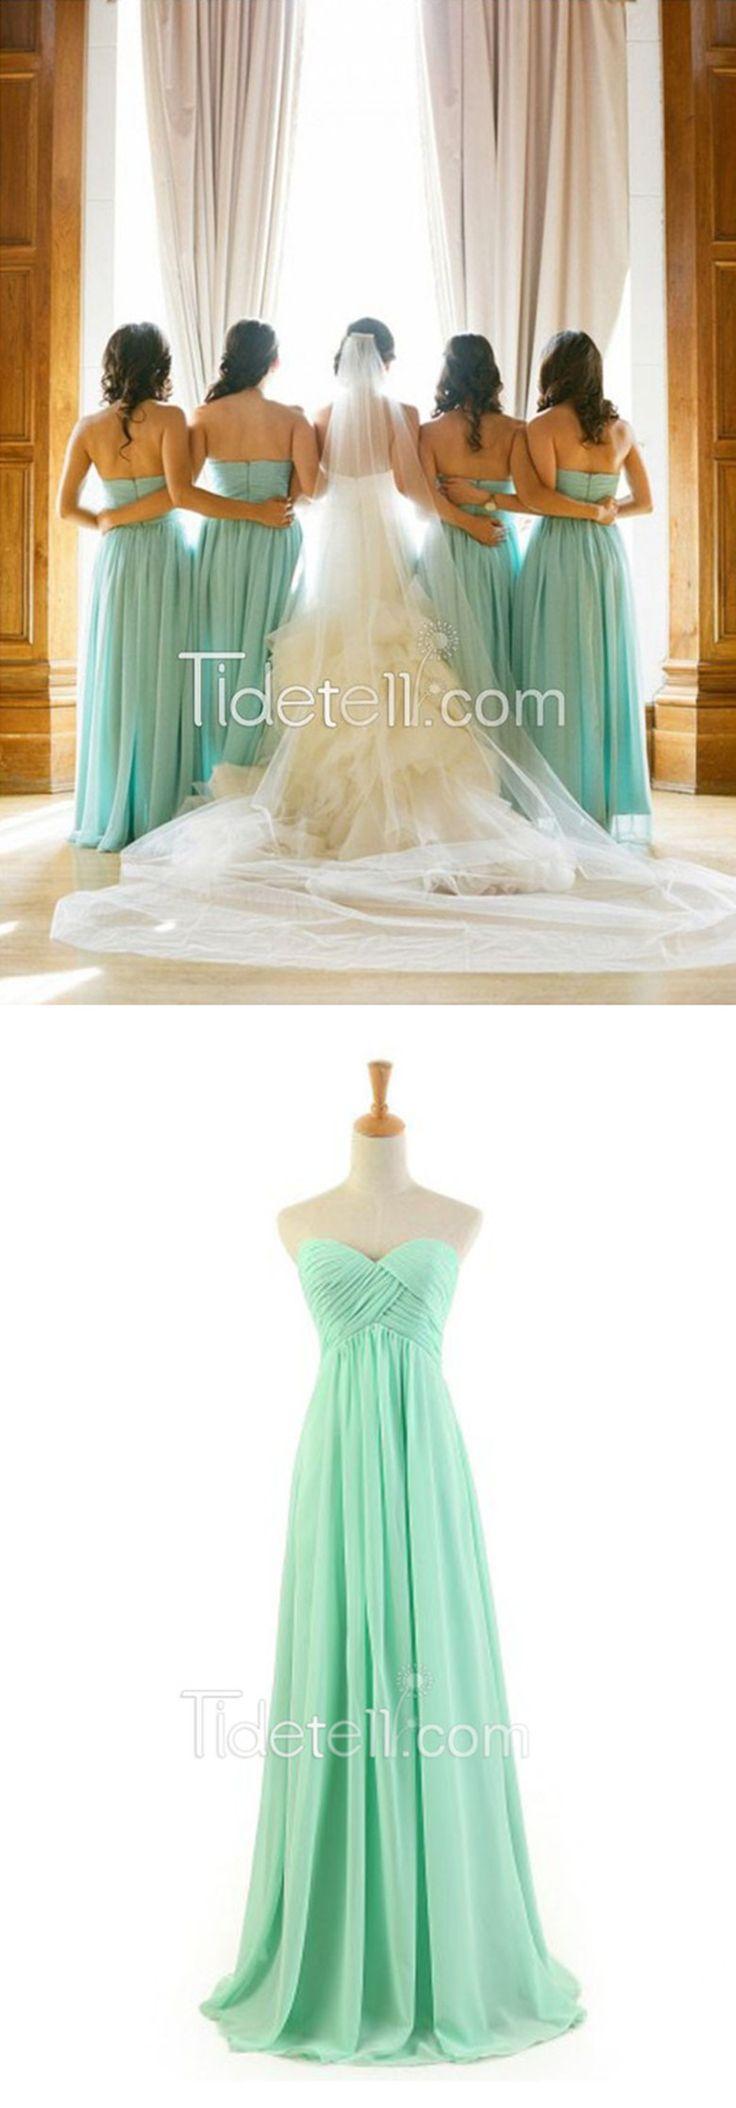 bridesmiad dress,long bridesmiad dress,aqua blue brideamid dress,2016 bridesmiad dress,party dress,chiffon party dress,wedding party dress,prom dress,aqua prom dress,sleeveless prom dress